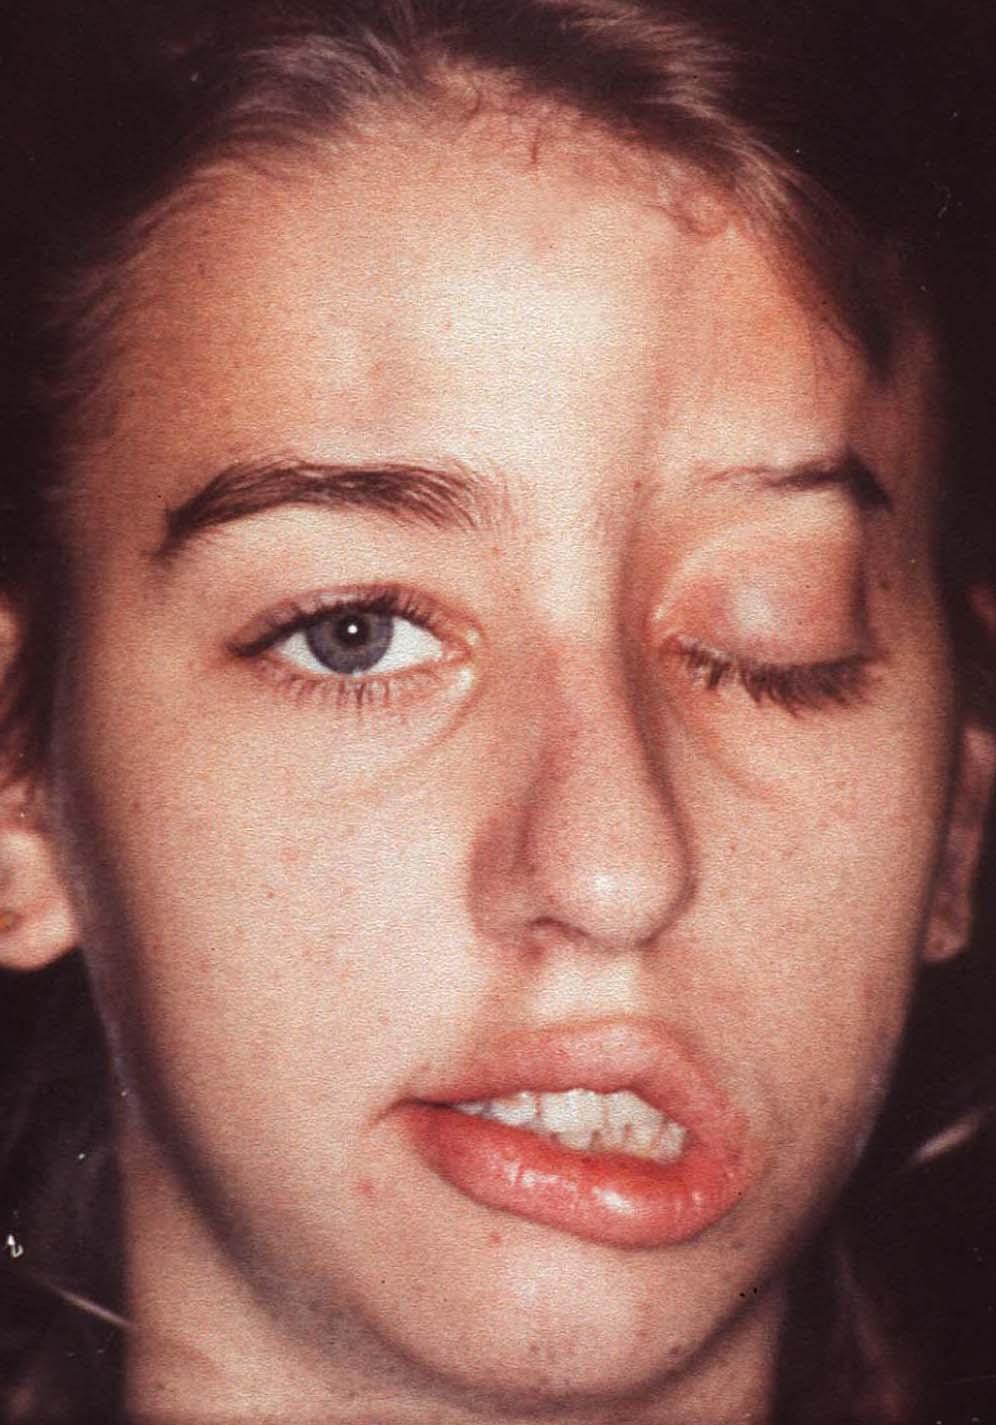 Facial plaque type morphea